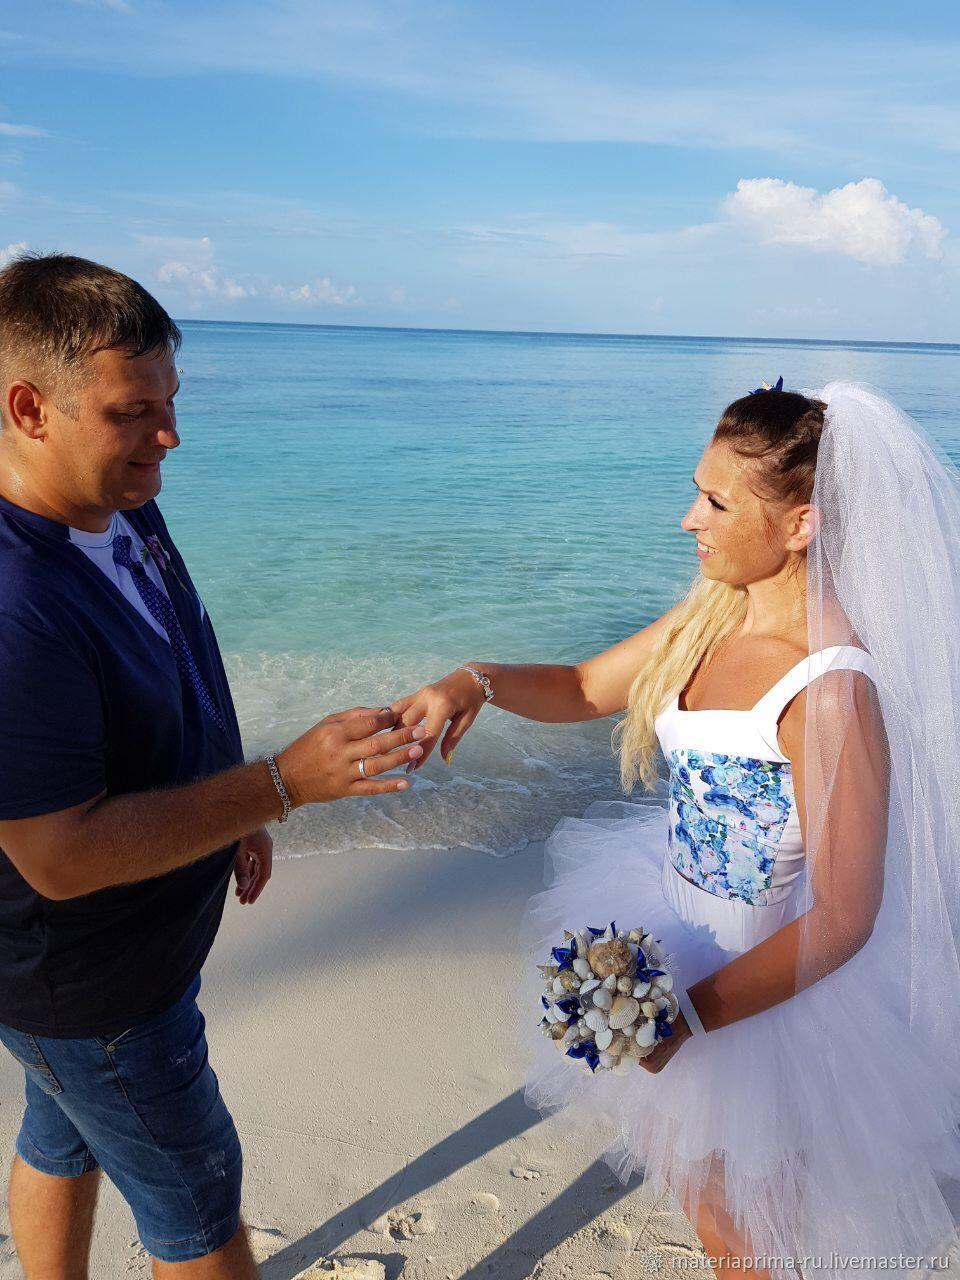 Юбка-пачка облегчённая для свадьбы на море , любой оттенок, Платья, Москва,  Фото №1